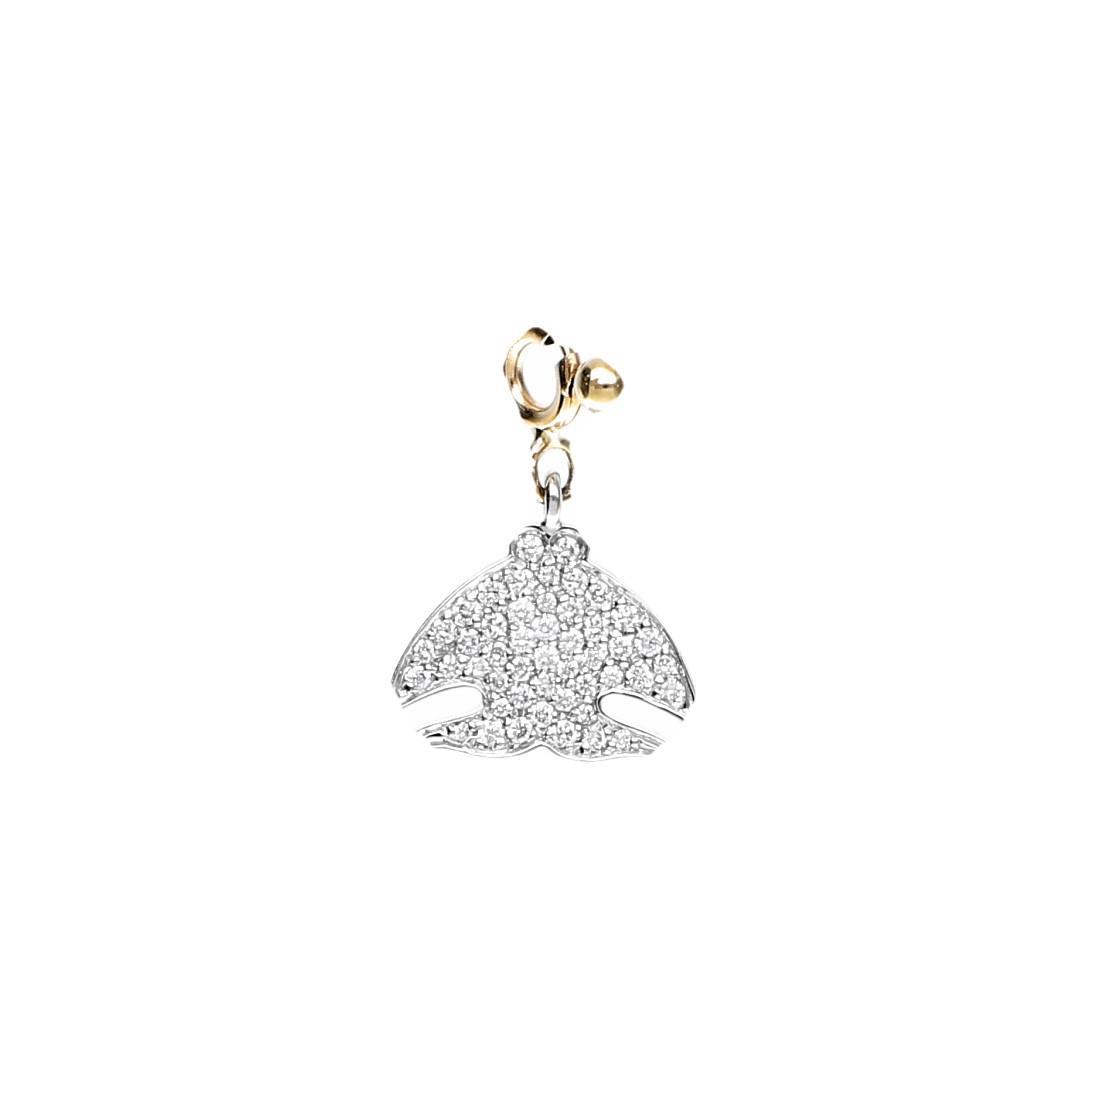 Ciondolo Pasquale Bruni in oro bianco e giallo con diamanti ct 0,30 - PASQUALE BRUNI